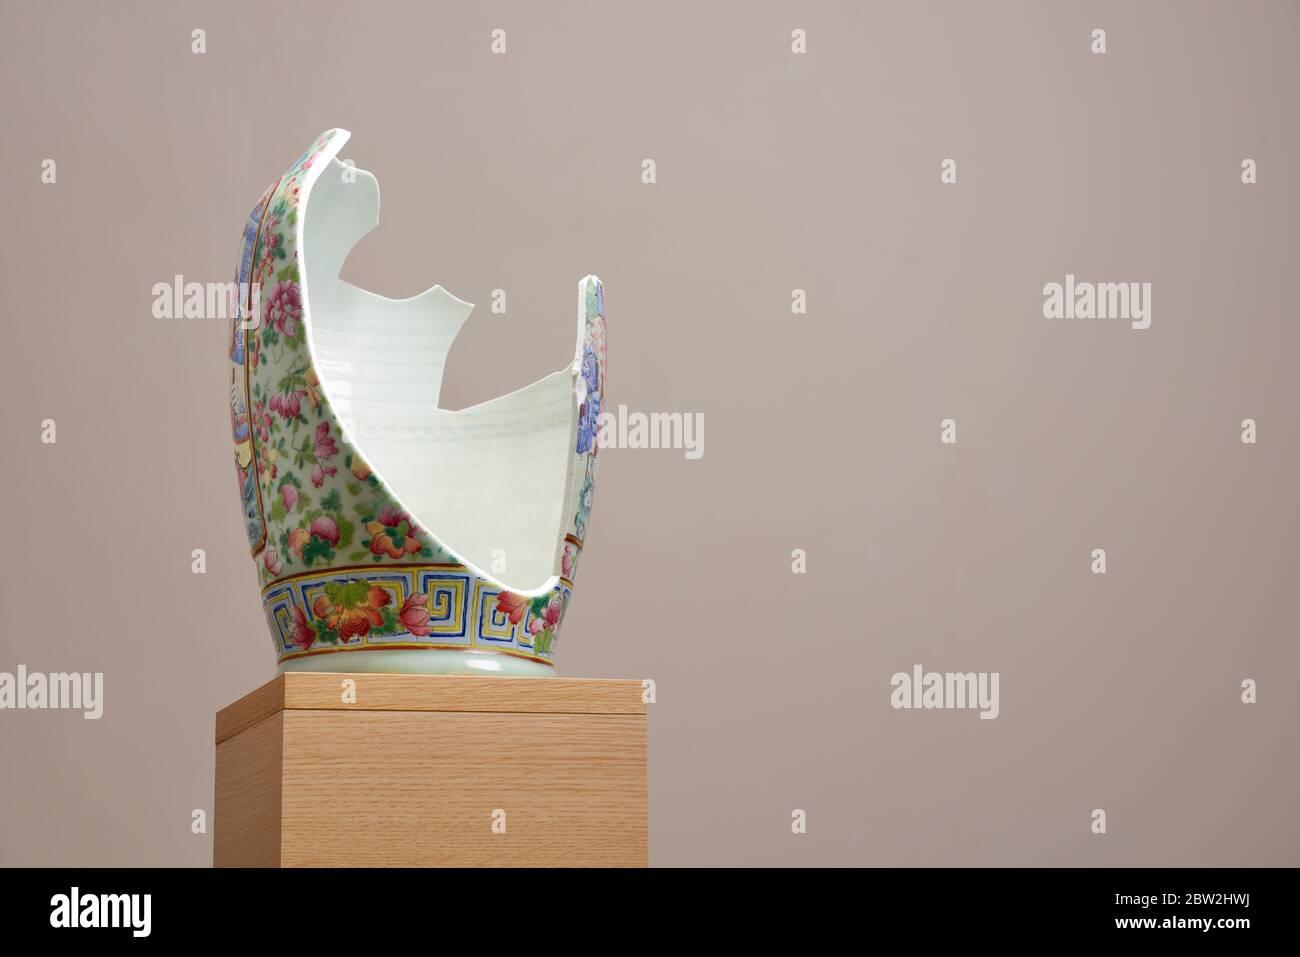 Un vase chinois cassé sur une plinthe en bois Banque D'Images